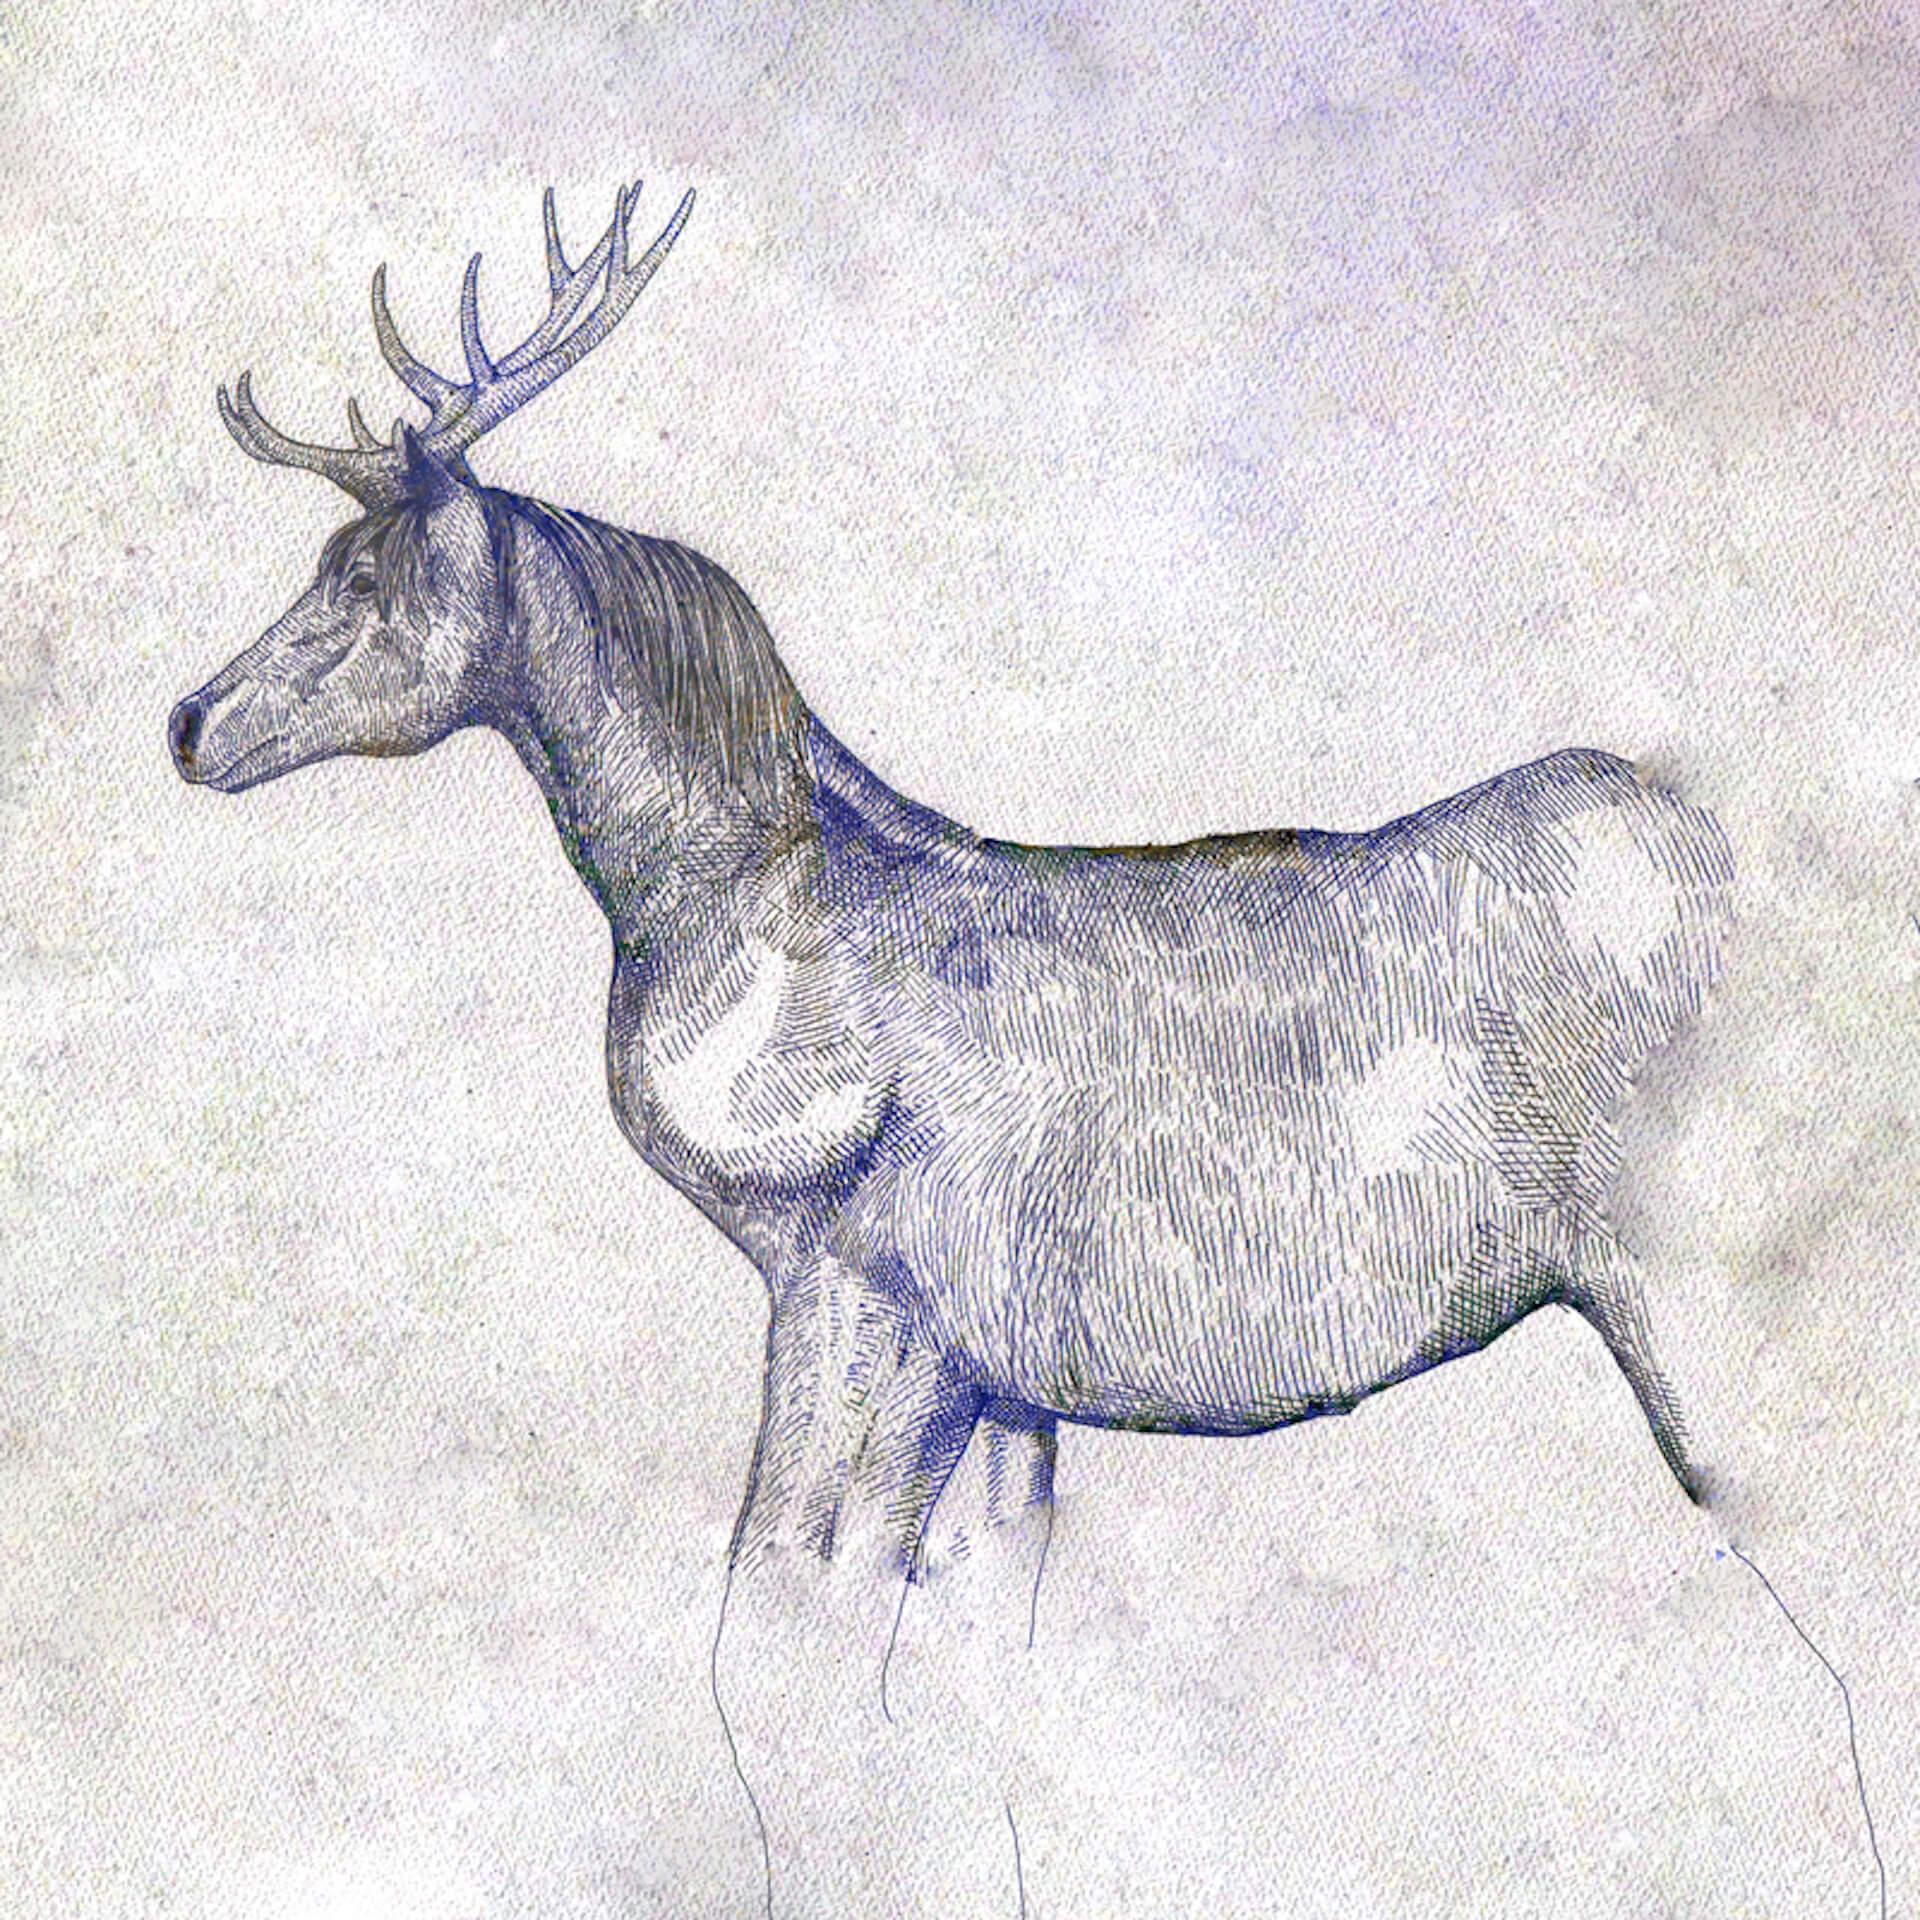 米津玄師「馬と鹿」が新たな快挙!Billboard Japan総合1位でソロアーティスト史上最高ポイントを記録 music190918_umatoshika_billboard_main